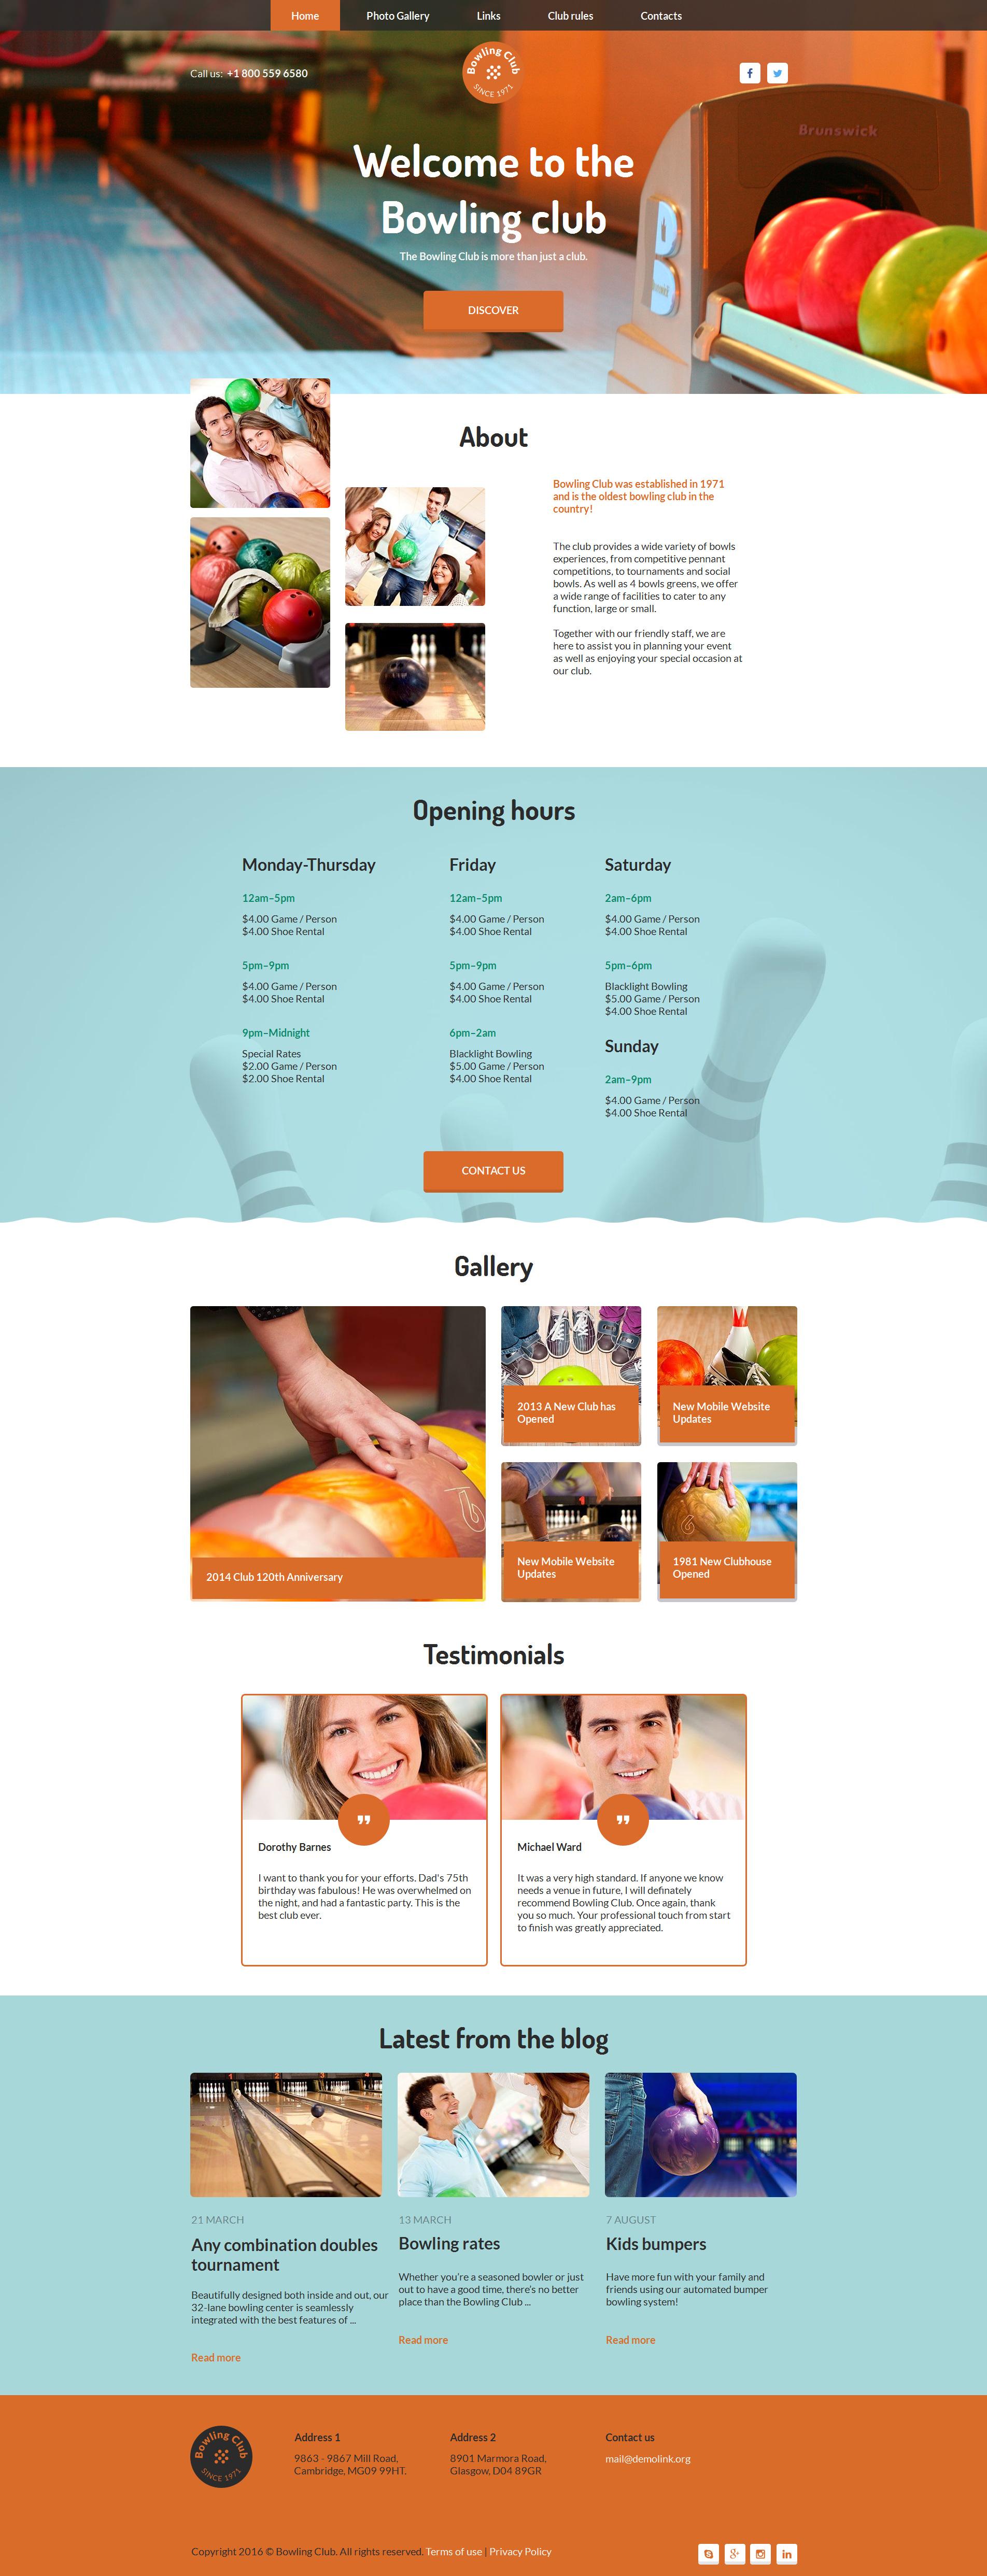 Modèle Moto CMS HTML Premium pour site de bowling #58750 - screenshot